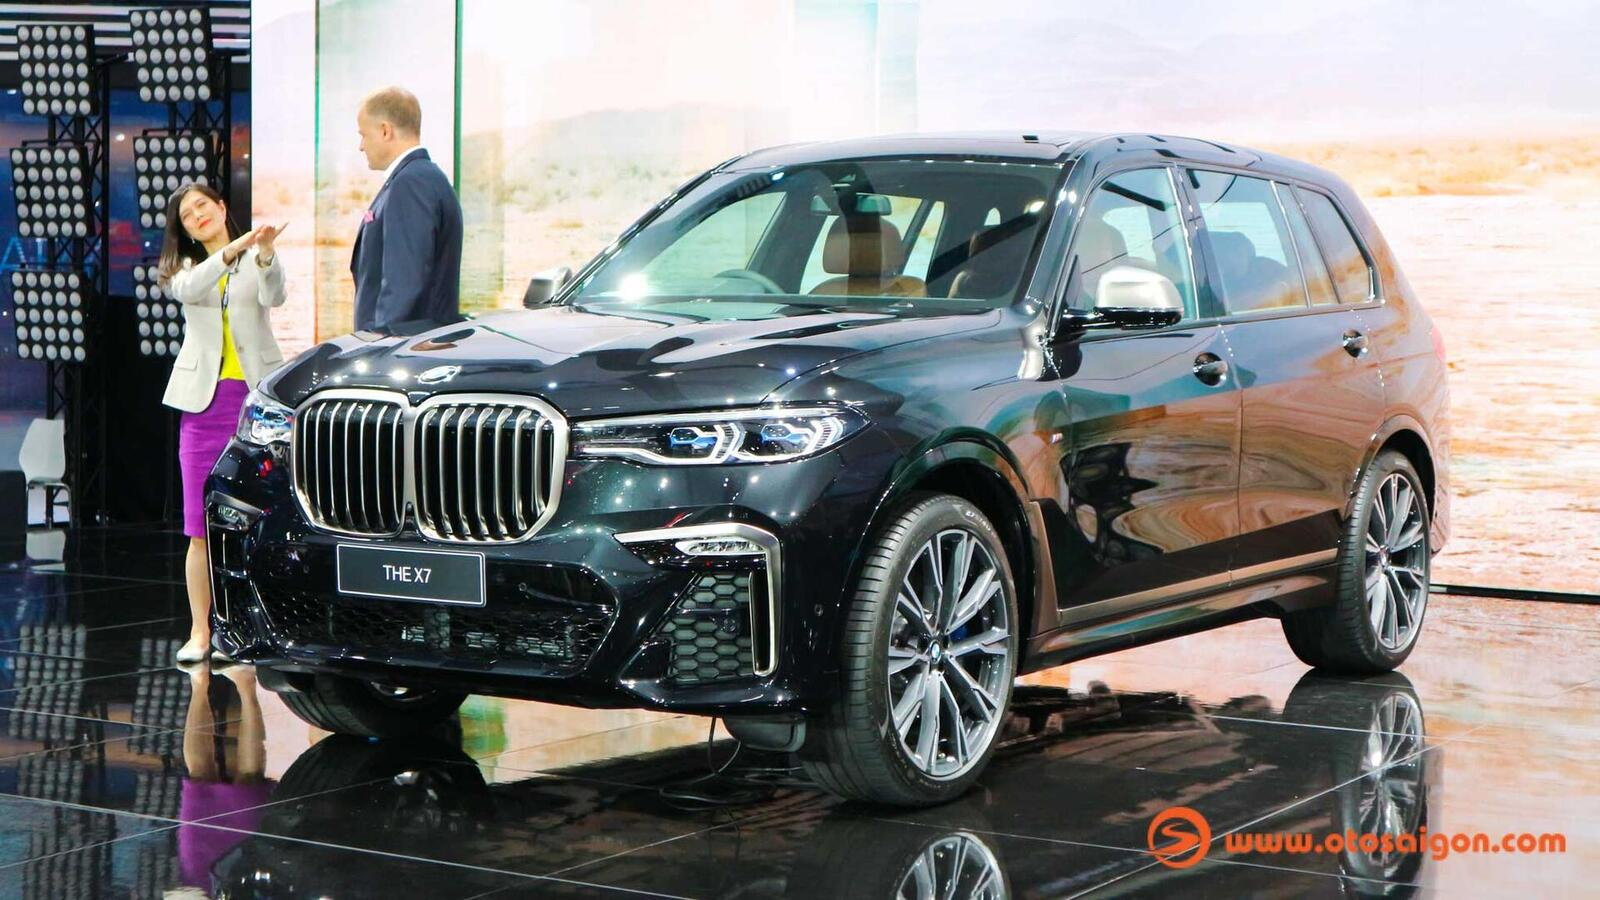 Hôm nay BMW X7 và X5 thế hệ mới sẽ ra mắt tại Việt Nam; mời các bác dự đoán giá bán - Hình 4